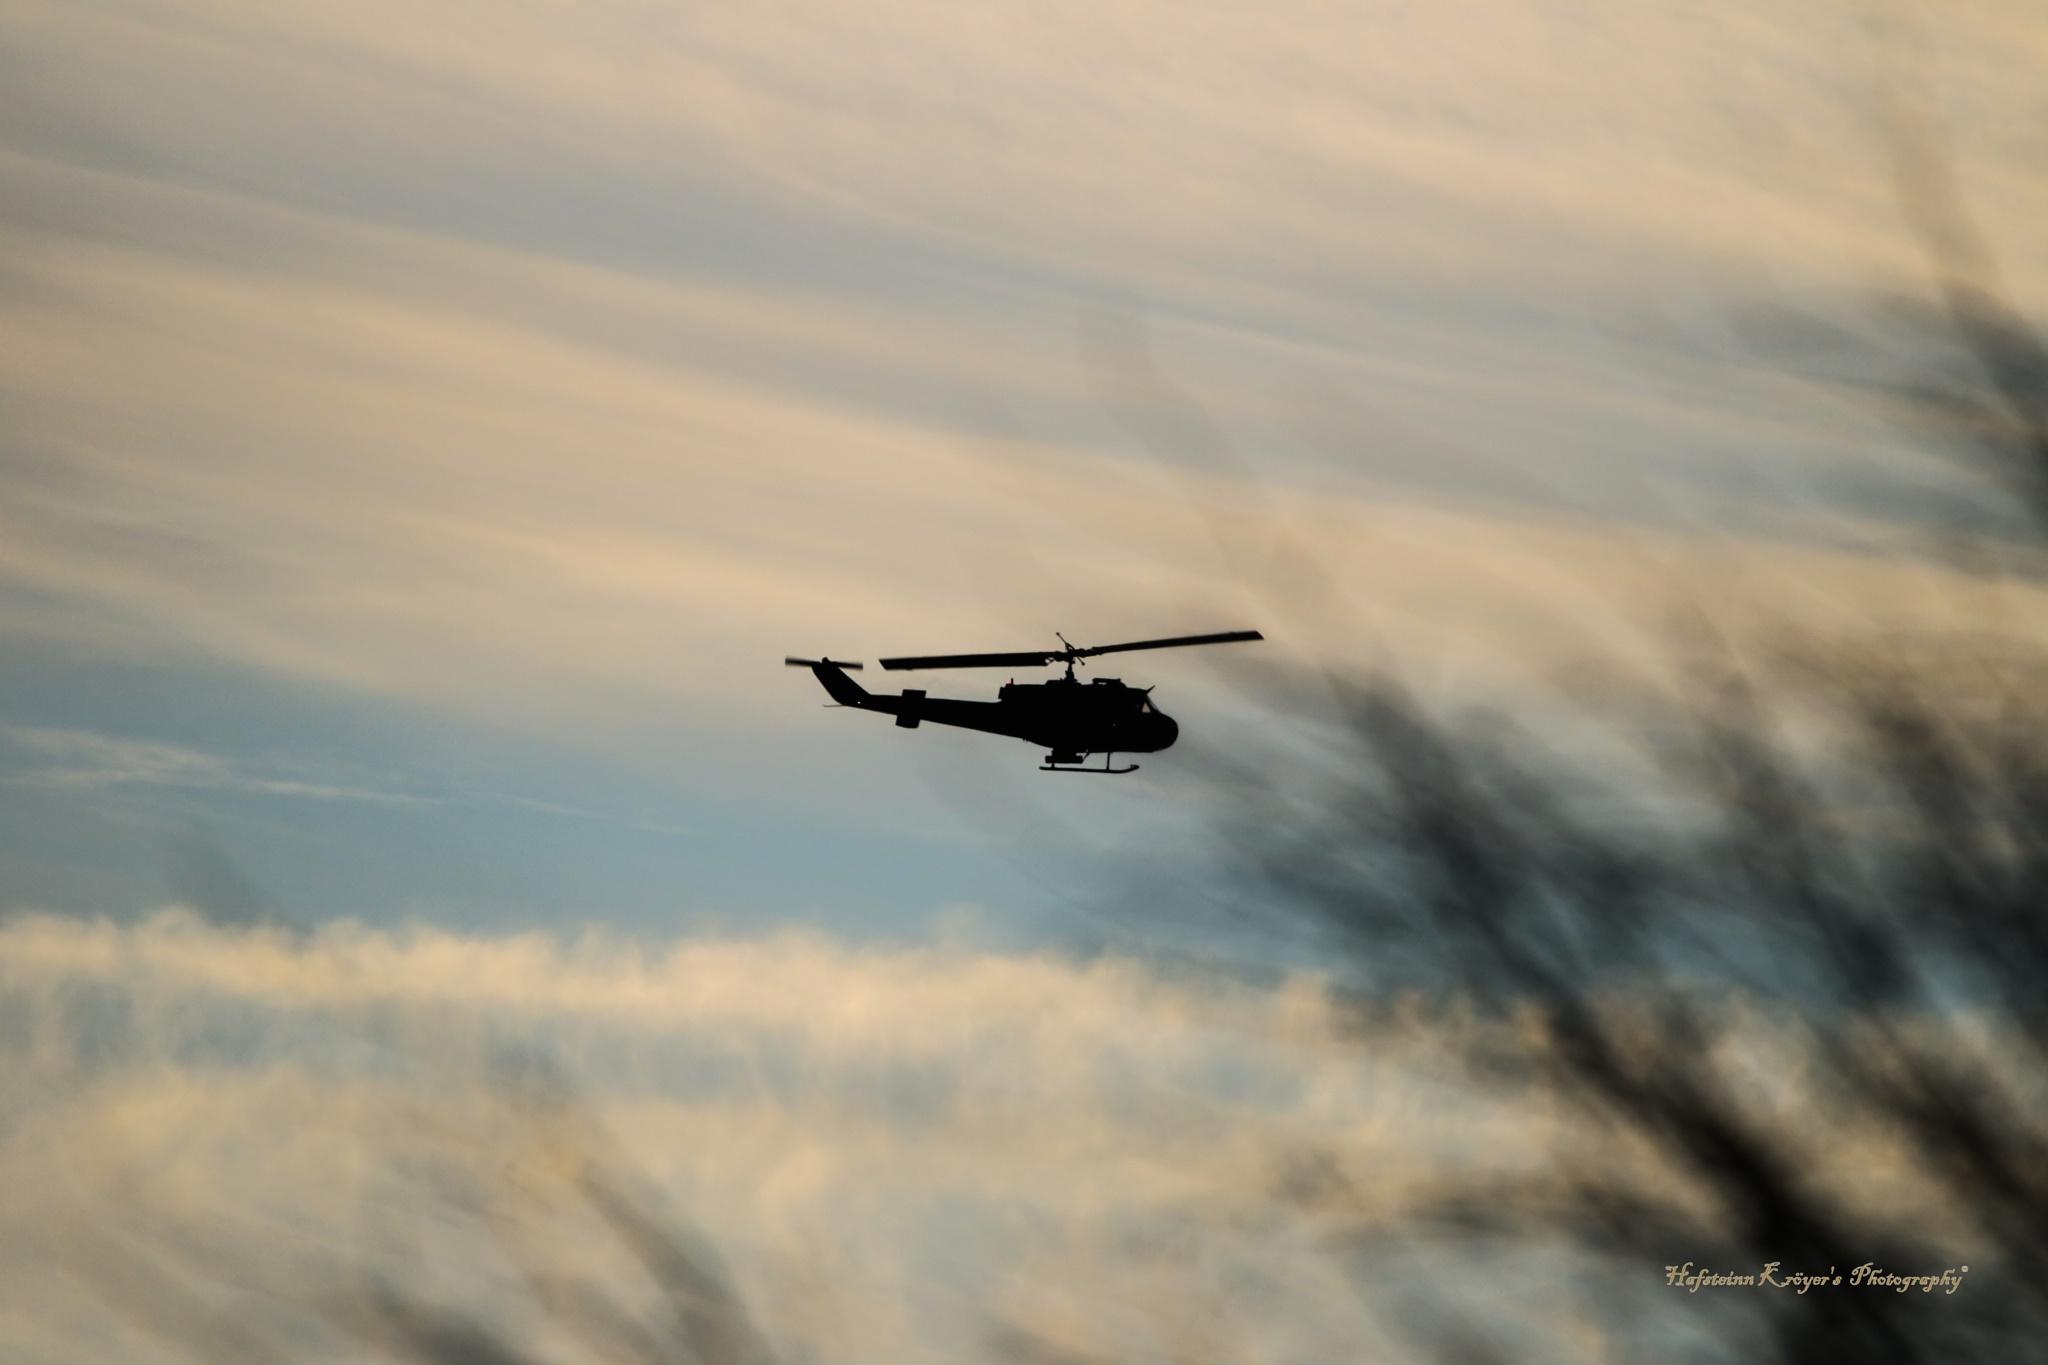 helicopter silhouette by Hafsteinn Kröyer Eiðsson